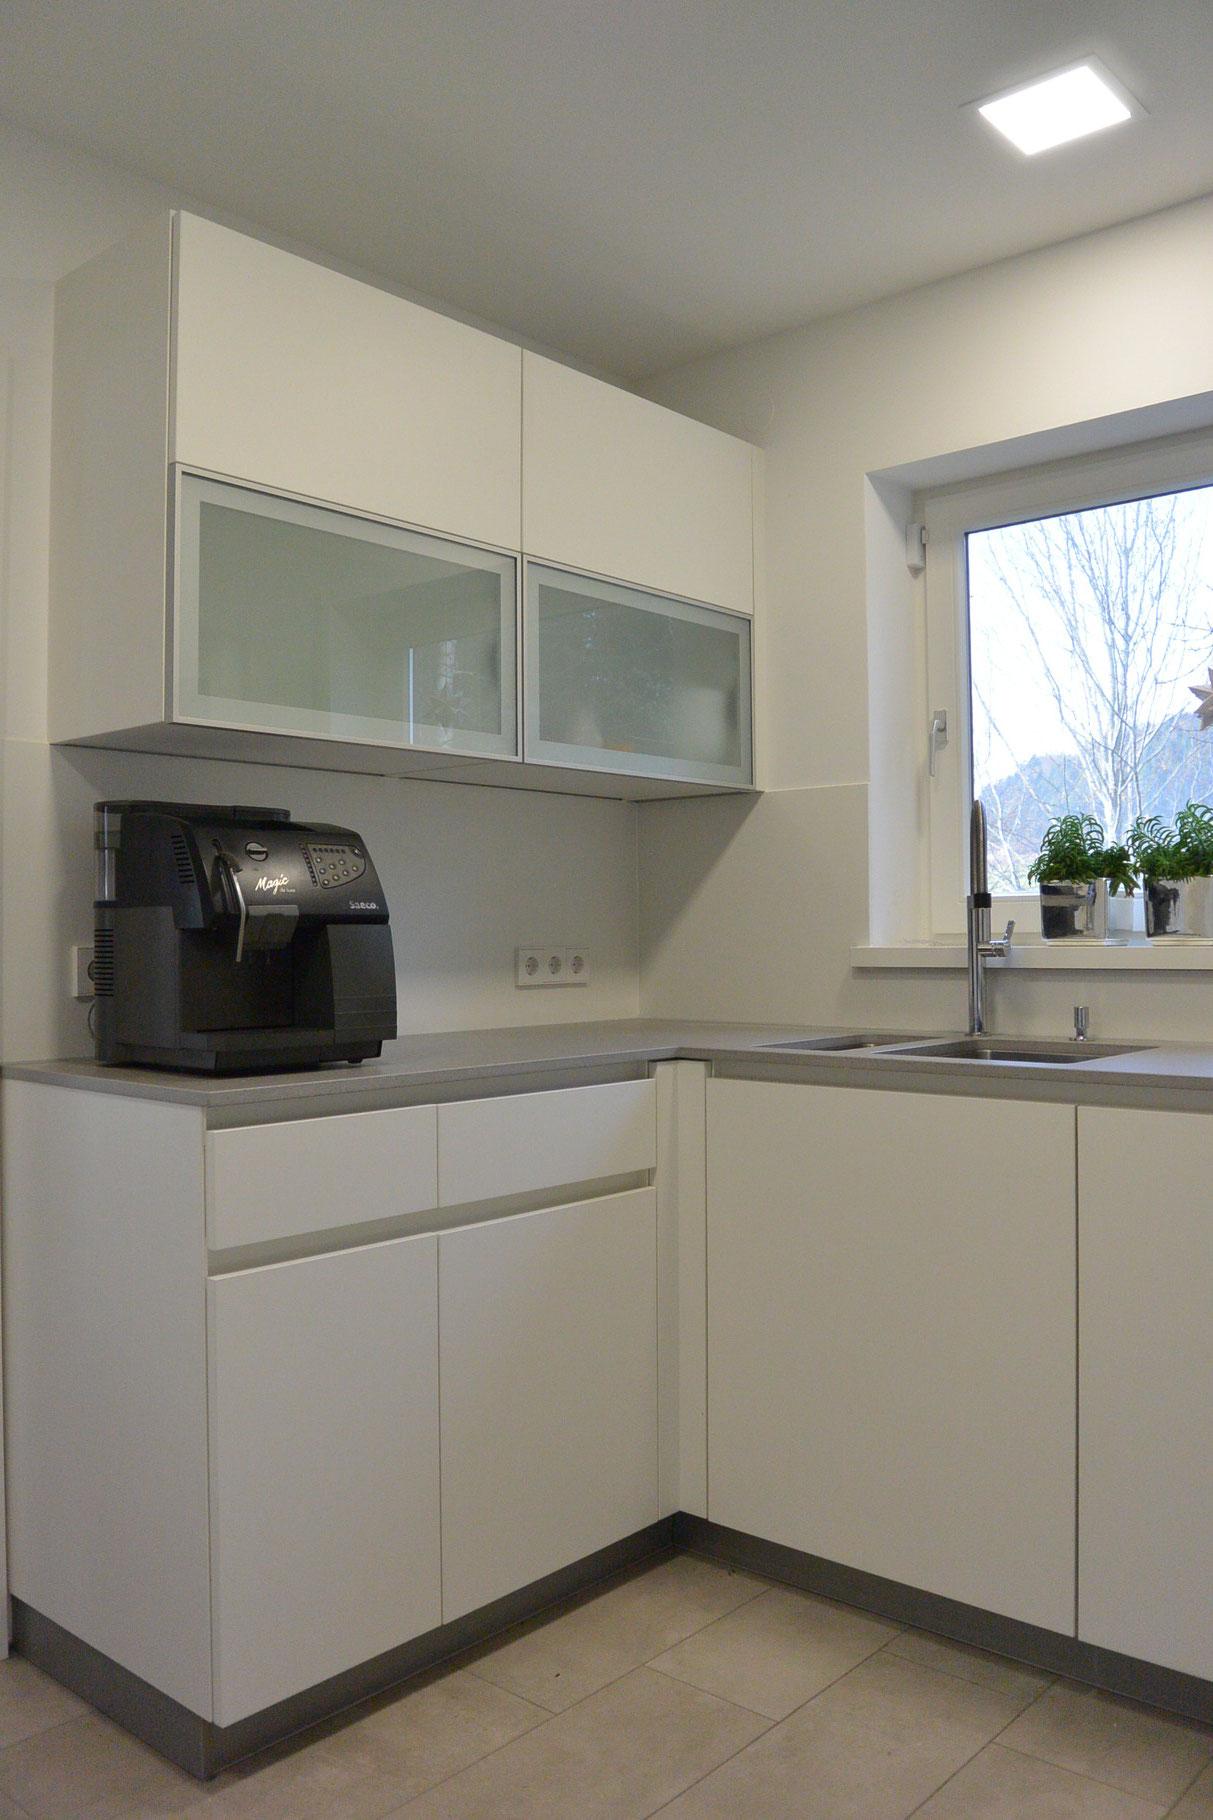 Küche matt weiß, Oberschrank mit Alu-Rahmentür